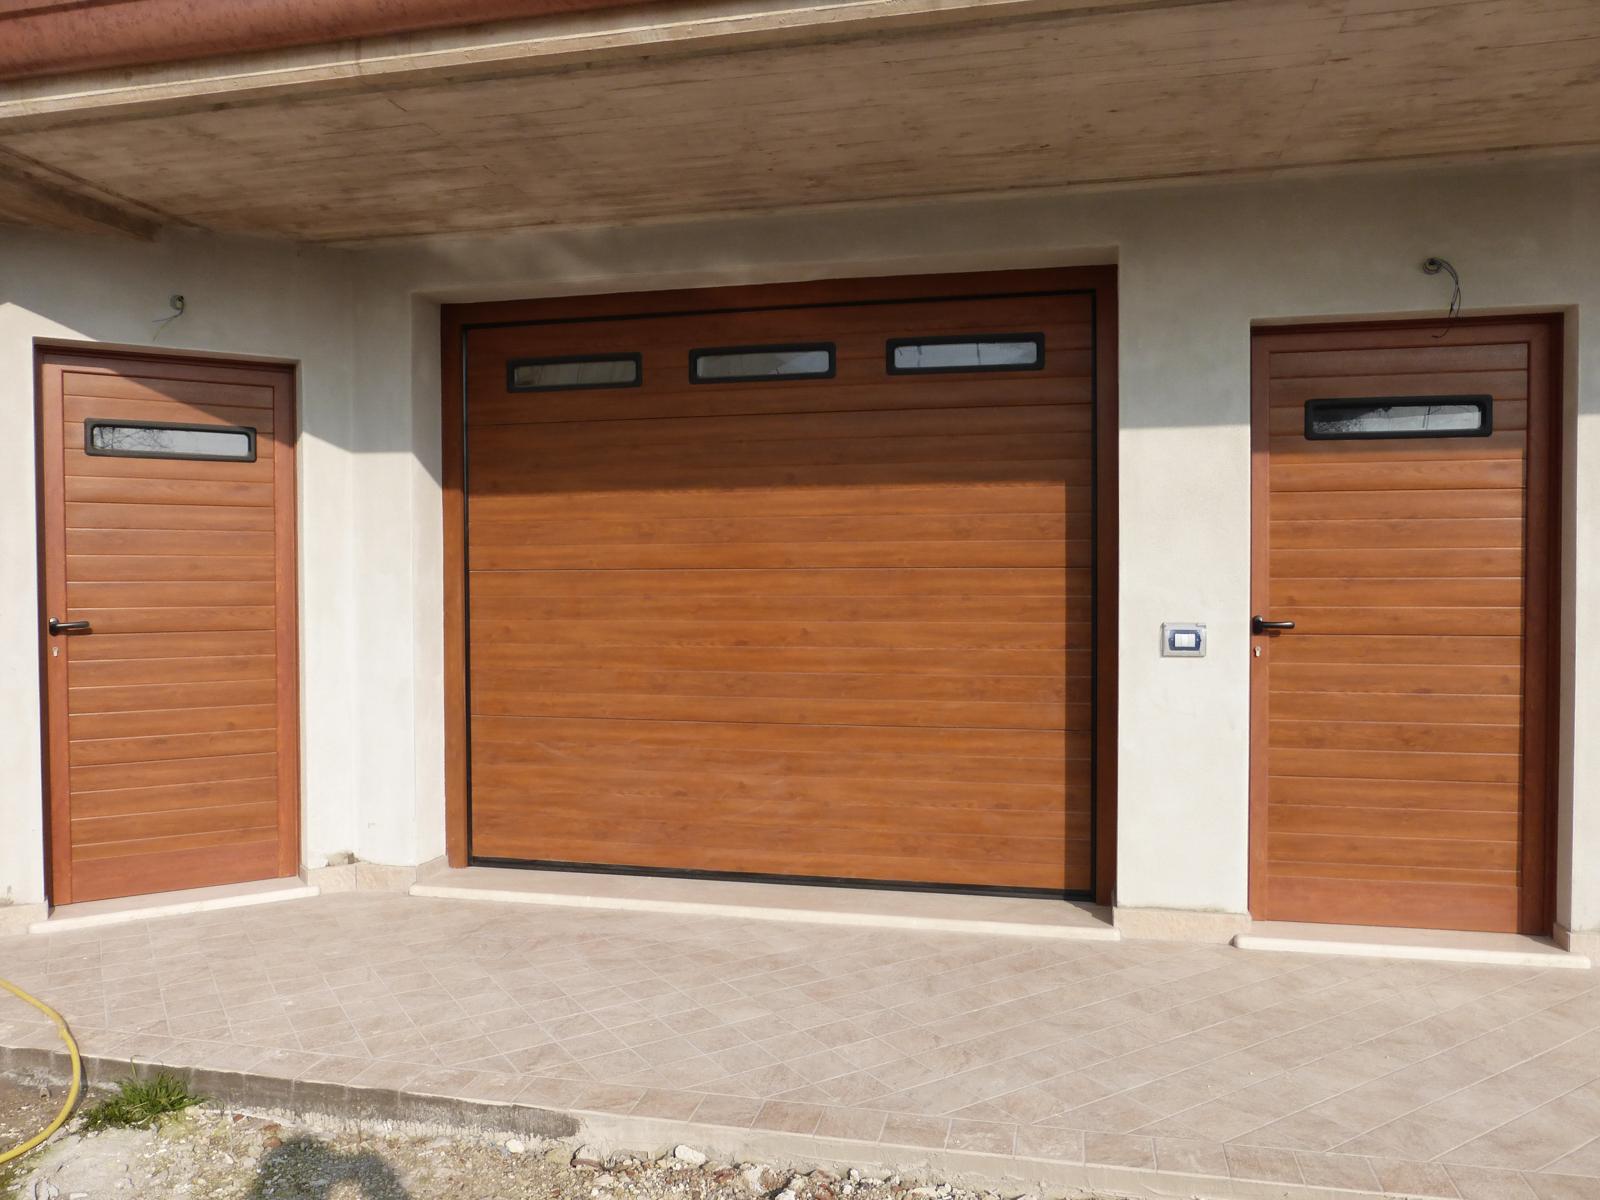 Pannello millerighe porte sezionali basculanti per - Pannello decorativo per porte ...